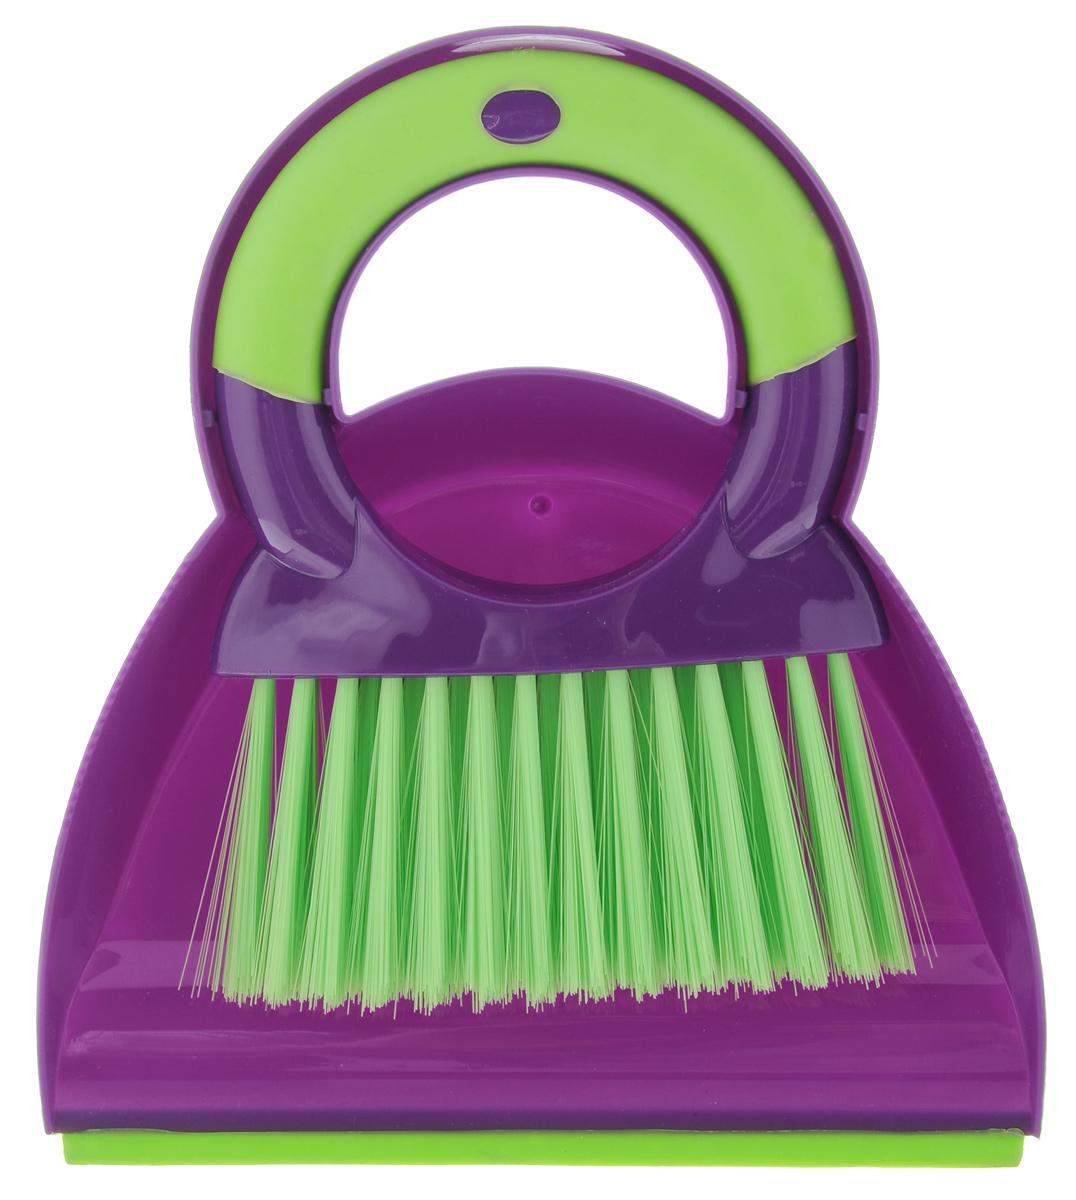 Комплект для уборки стола York Prestige, цвет: фиолетовый, салатовый, 2 предмета6211Комплект для уборки стола York Prestige состоит из щетки и совка, изготовленных из прочного пластика. Изделия помогут удалить крошки, не снимая скатерти. Эластичный ворс на щетке, изготовленный из полимера, не оставит от грязи и следа. Удобная форма совка позволит эффективно и быстро совершить уборку в любом помещении. Изделия также оснащены отверстиями для подвешивания. Длина щетки: 17 см. Длина ворса: 6 см. Размер рабочей поверхности совка: 18 см х 13,5 см. Размер совка (с учетом ручки): 18 см х 21 см х 5 см.